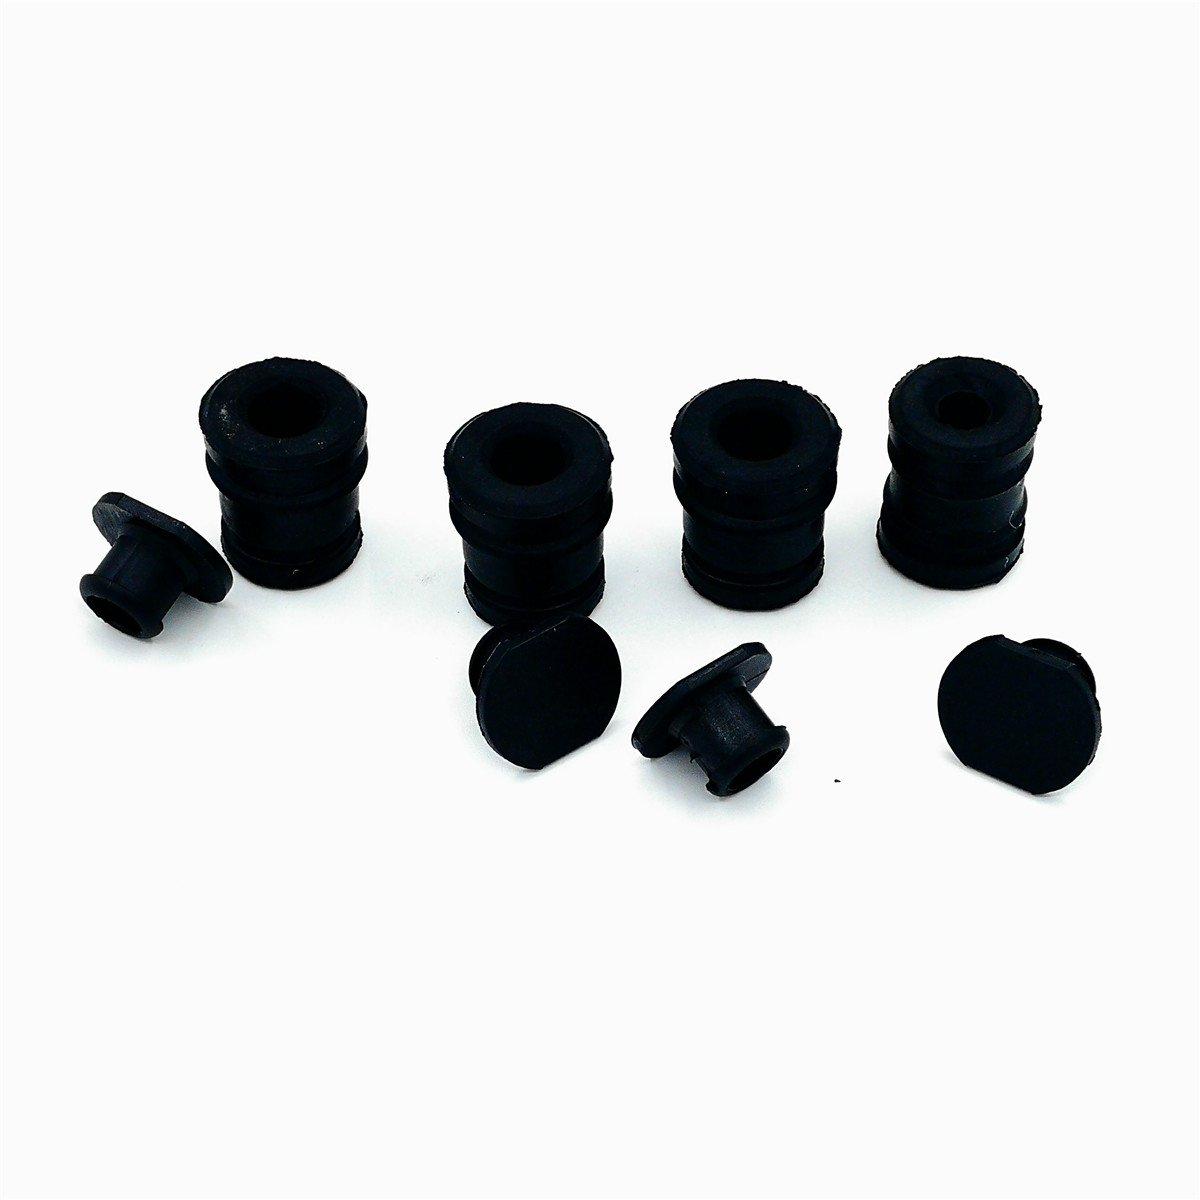 AV Butoir circulaire Plat Bouchon kit pour Stihl MS250/MS230/MS210/MS 250/230/210/021/023/025/tron/çonneuse pi/èces